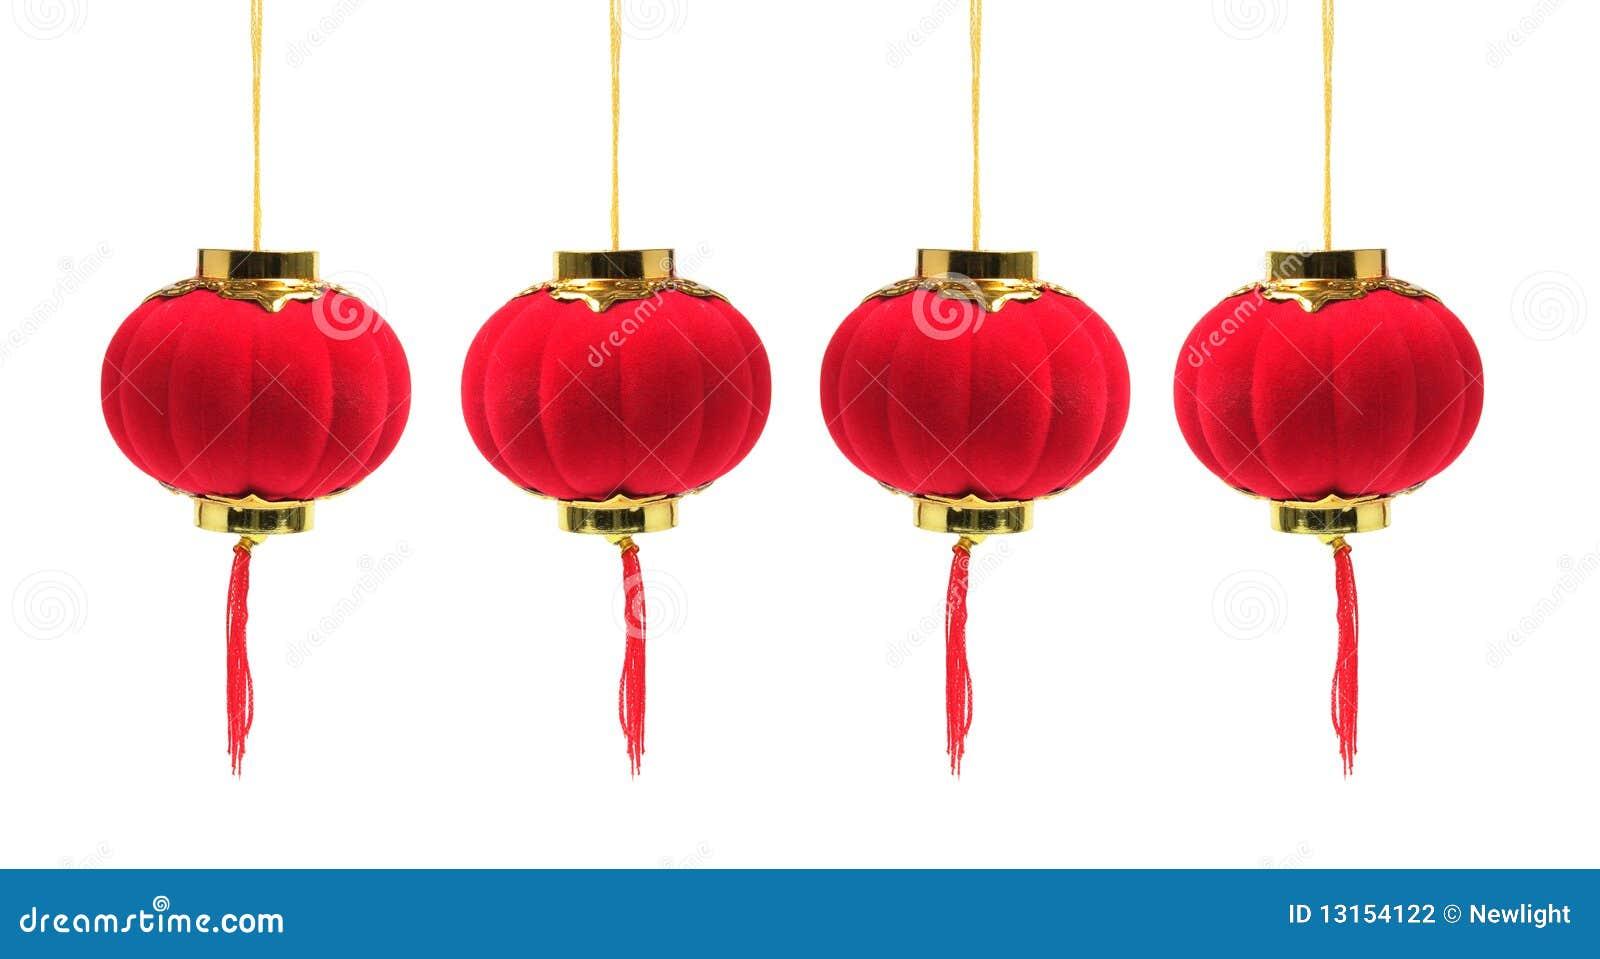 Chinese lanterns stock photography image 13154122